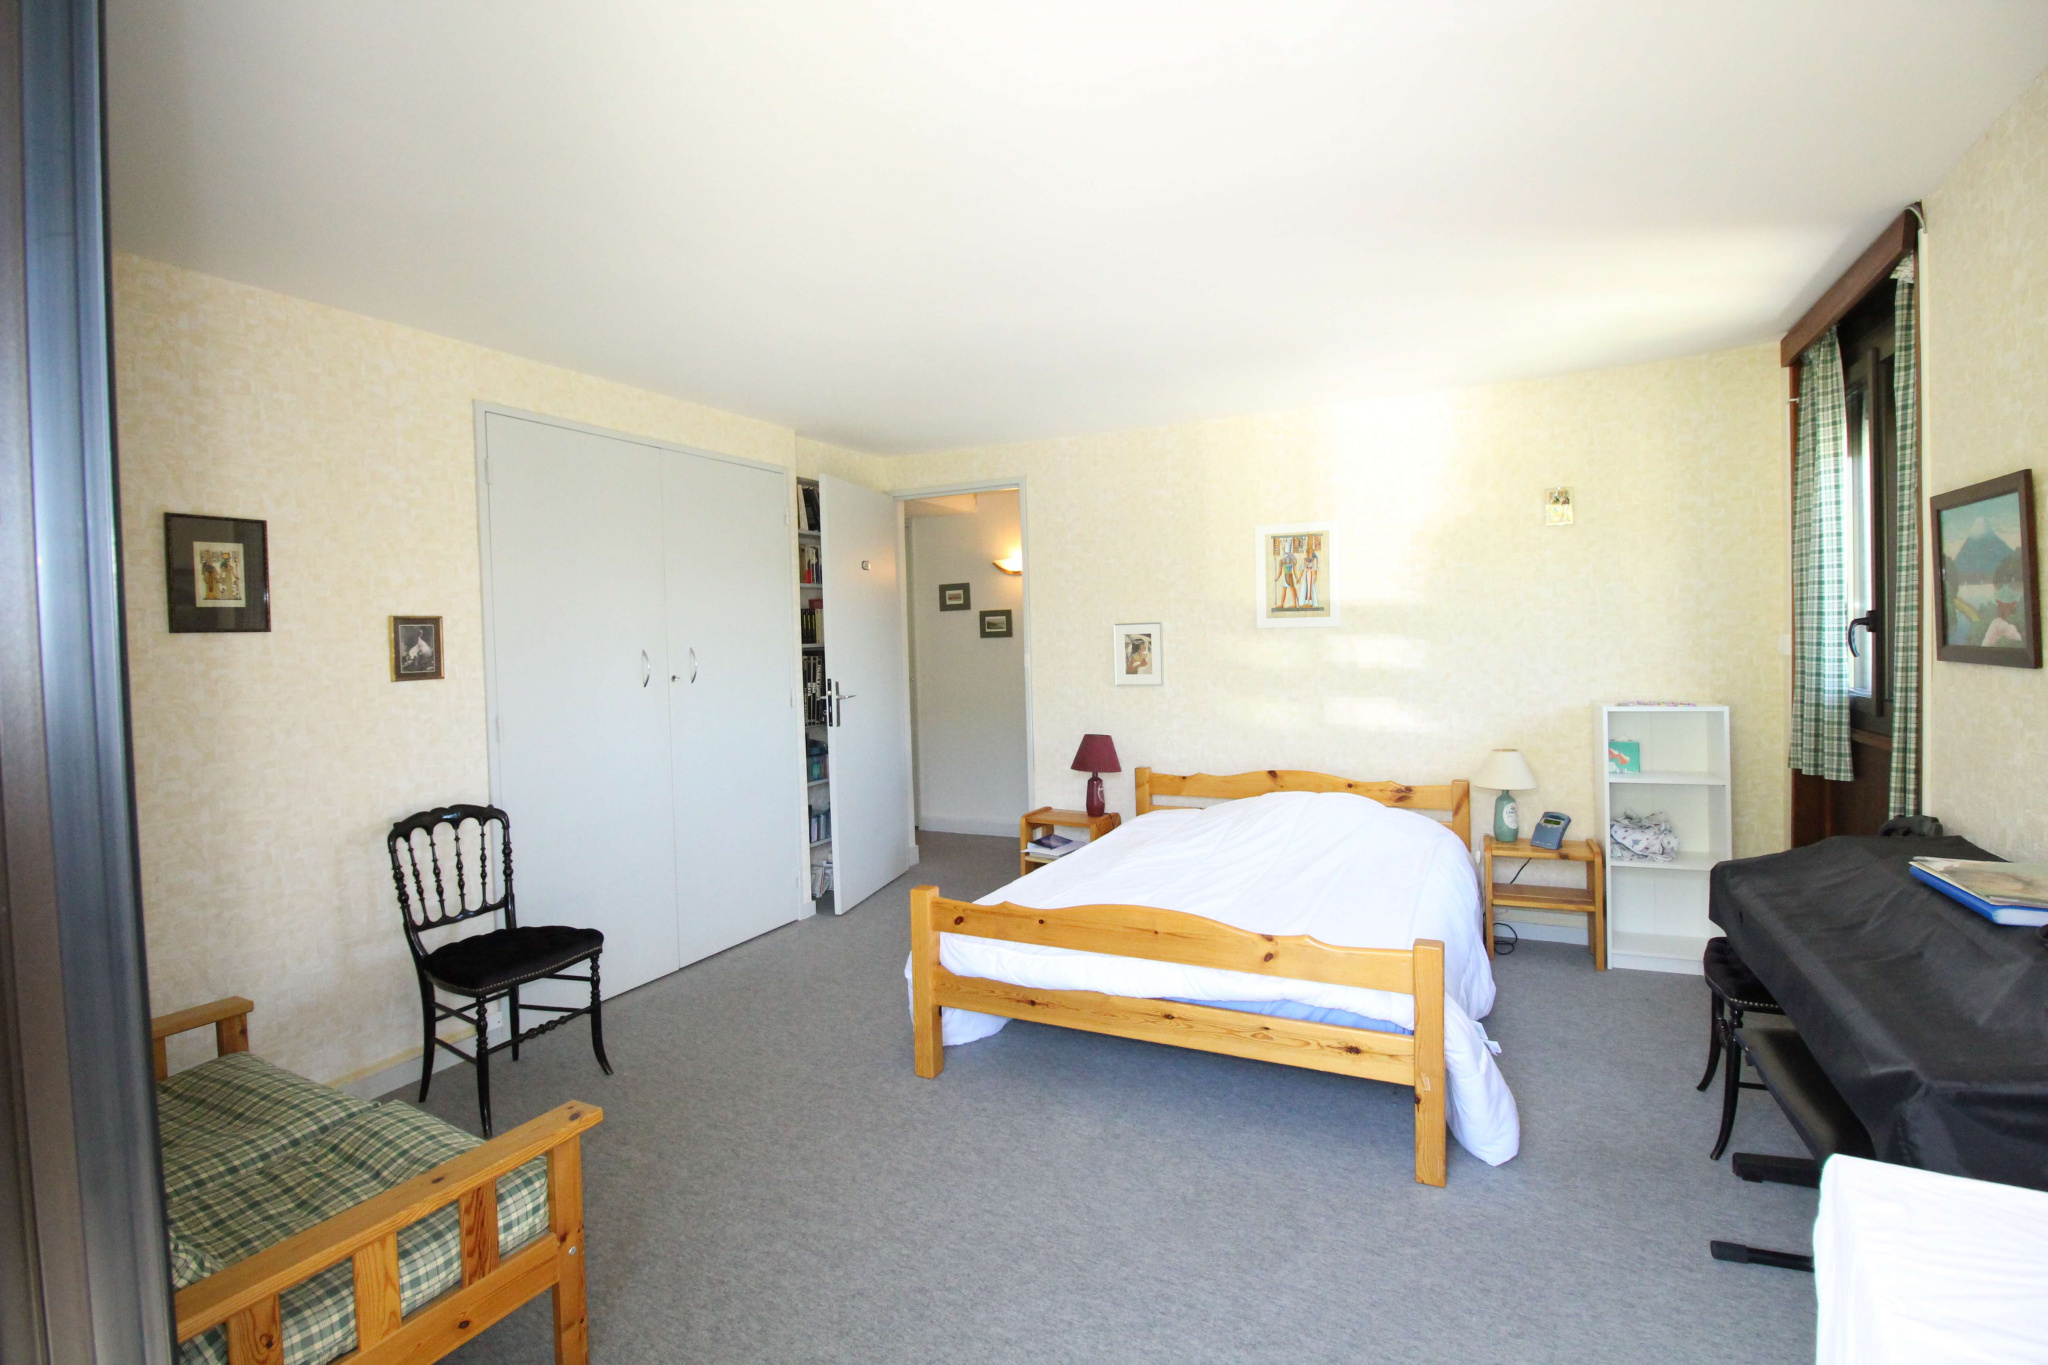 appartement 4 pièce(s) - Station de ski peyragudes